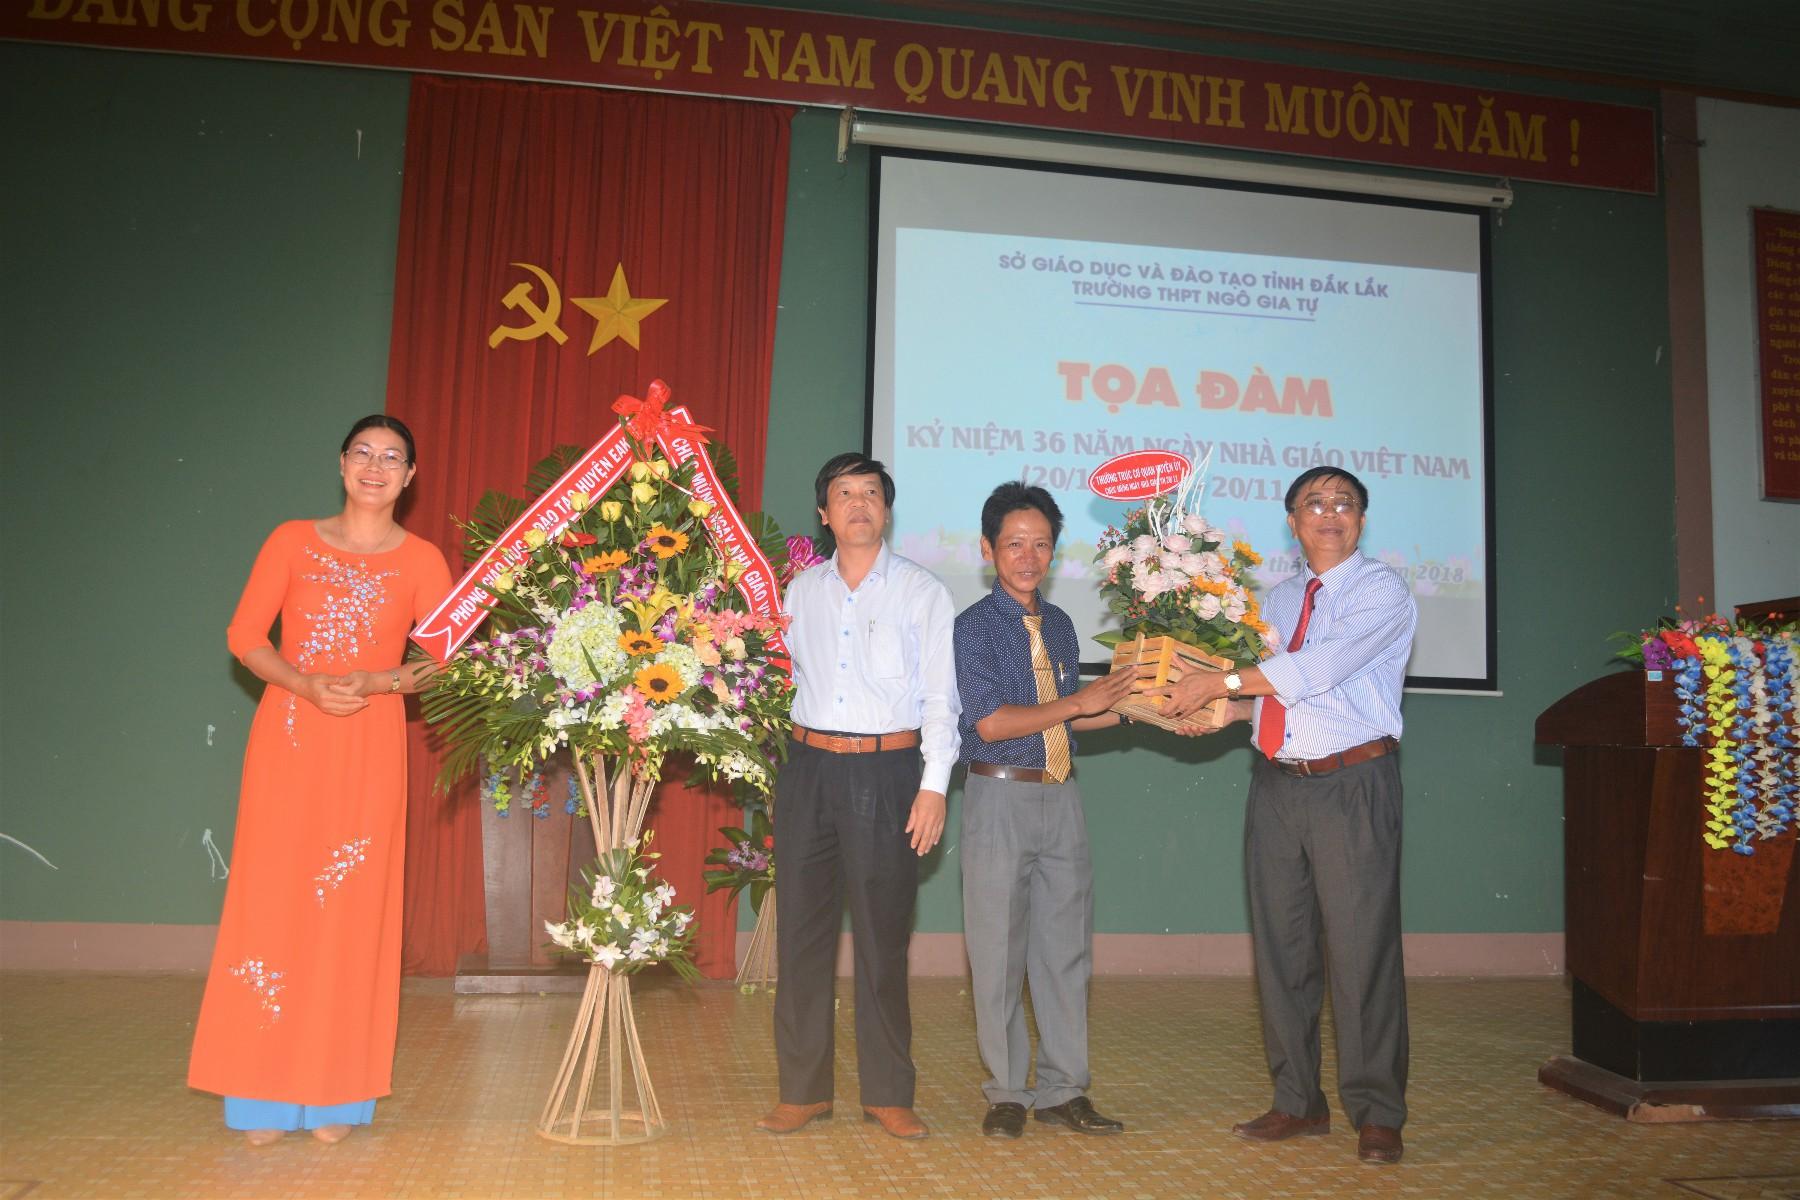 Thầy Nguyễn Thanh Dương đại diện Phòng GD, đồng Chí Trần Đức Lương tặng hoa cho nhà trường